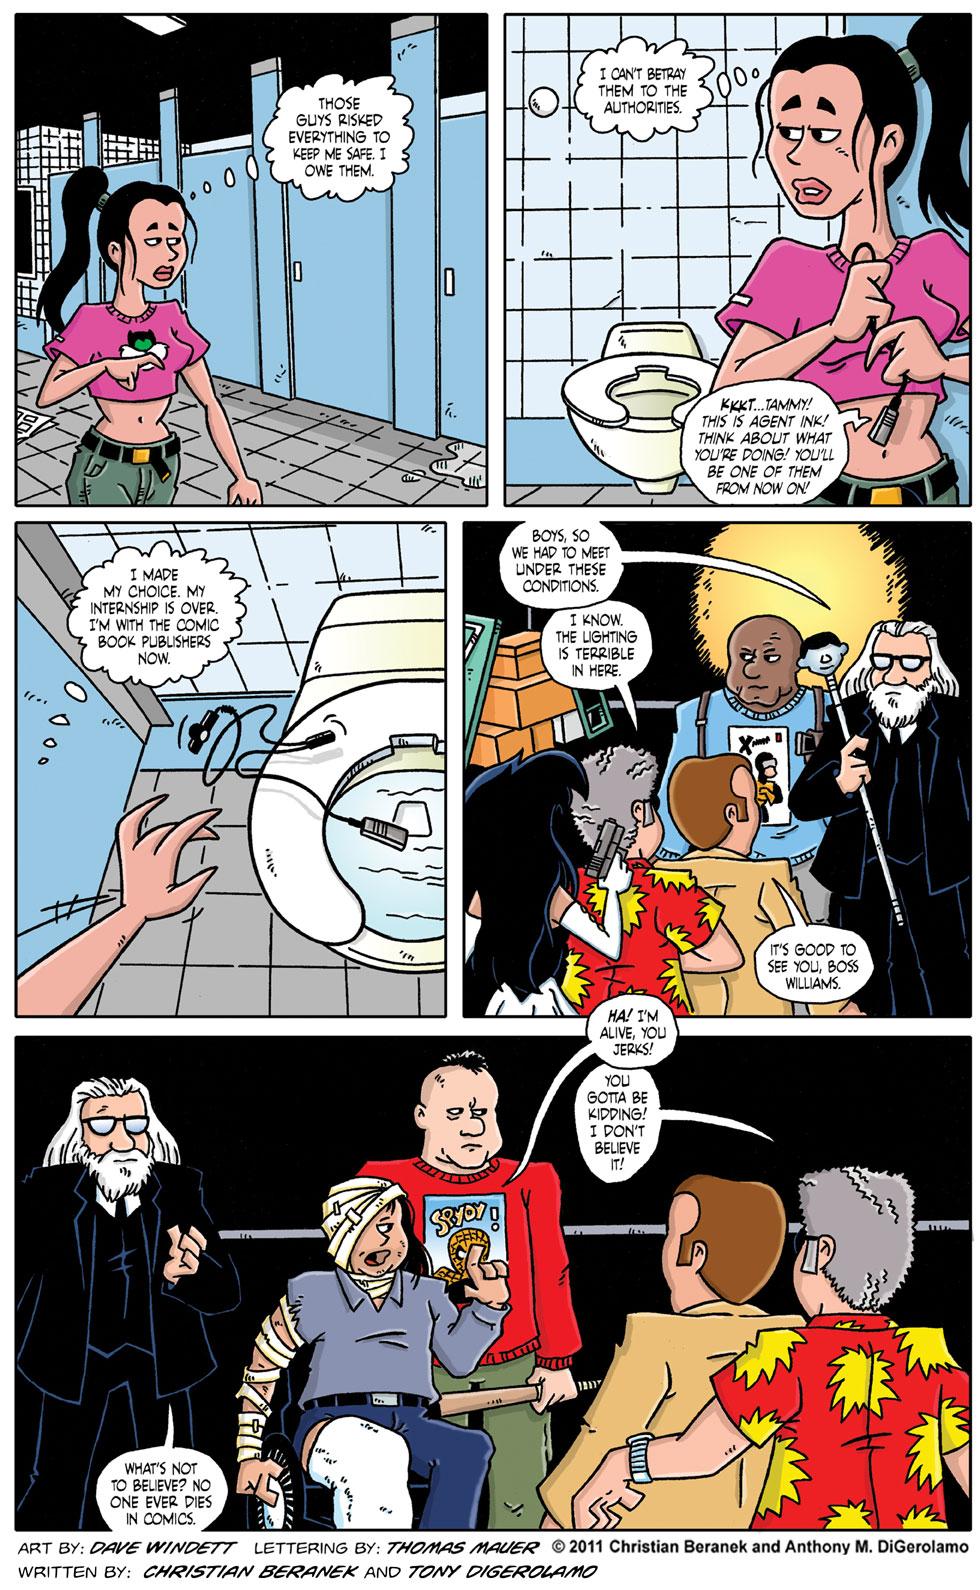 Comic Book Mafia #62:  The Boss